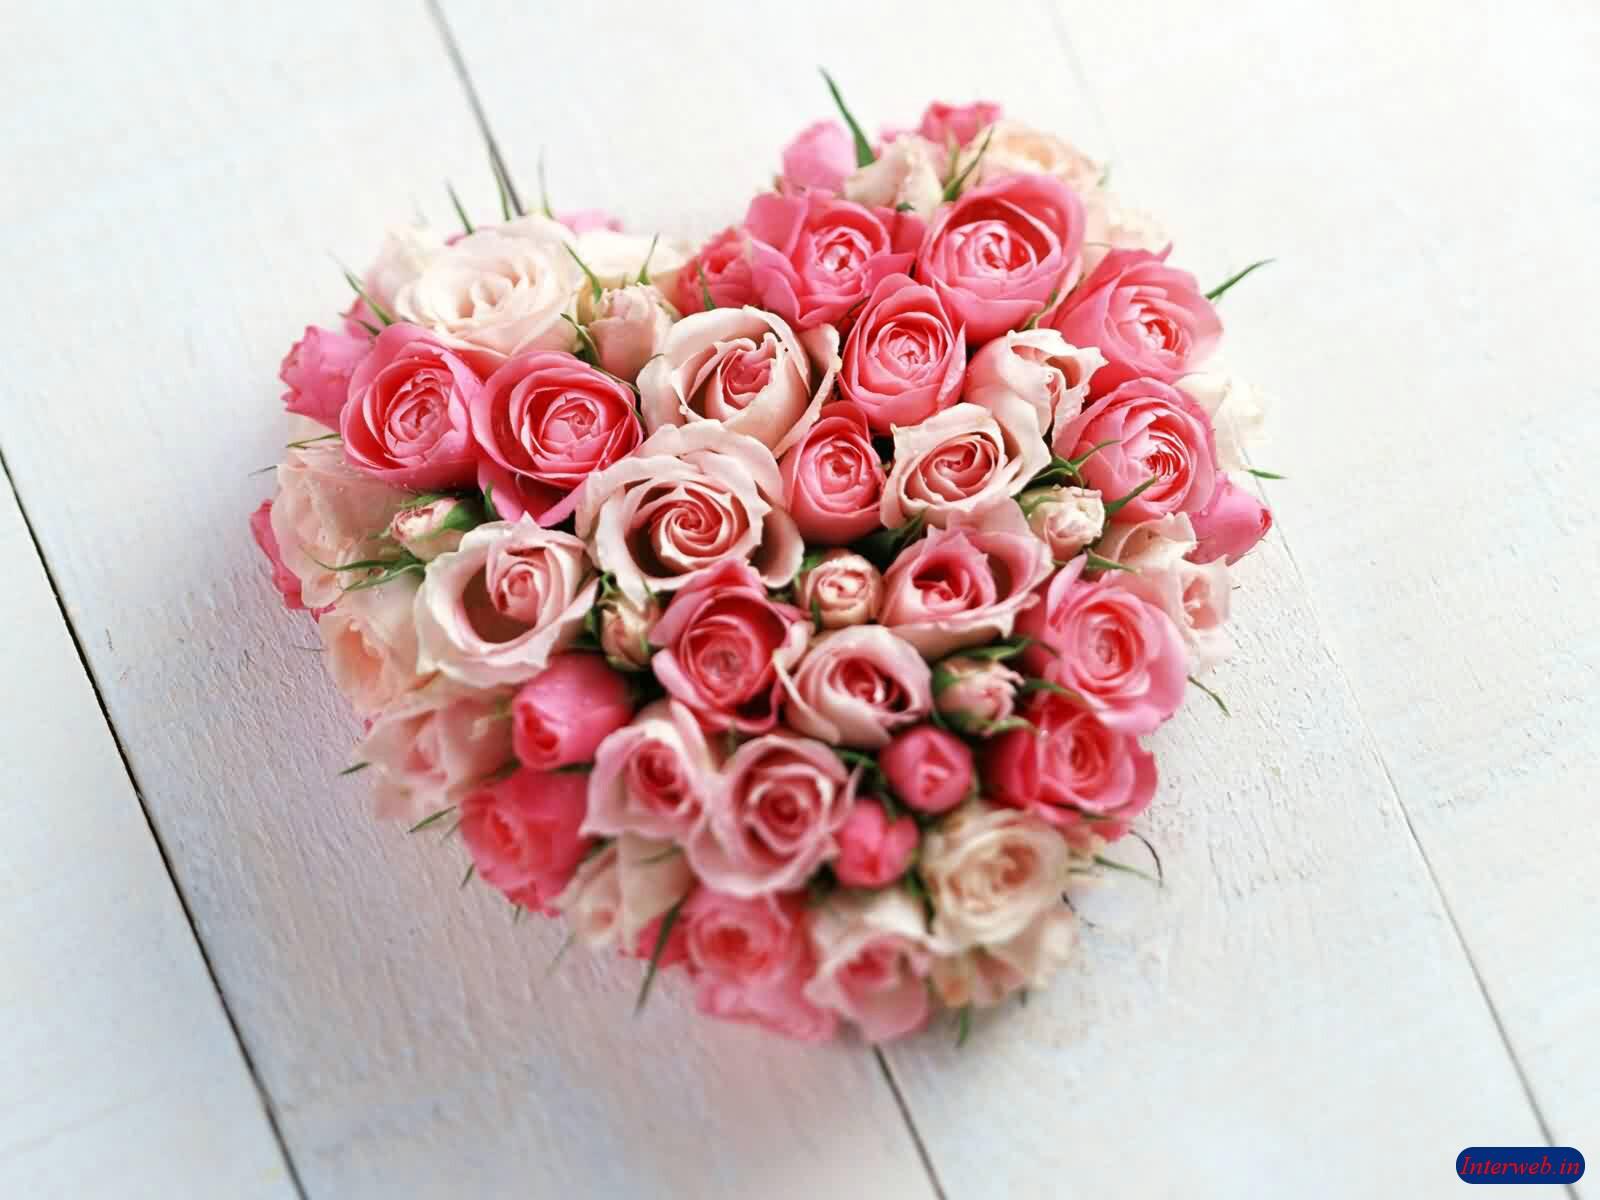 http://4.bp.blogspot.com/-875IMRd9tU8/TXrs7cTSAwI/AAAAAAAAAno/uj_vf2MybRg/s1600/flower%2Bfor%2Byour%2Blove%2Bone.JPG